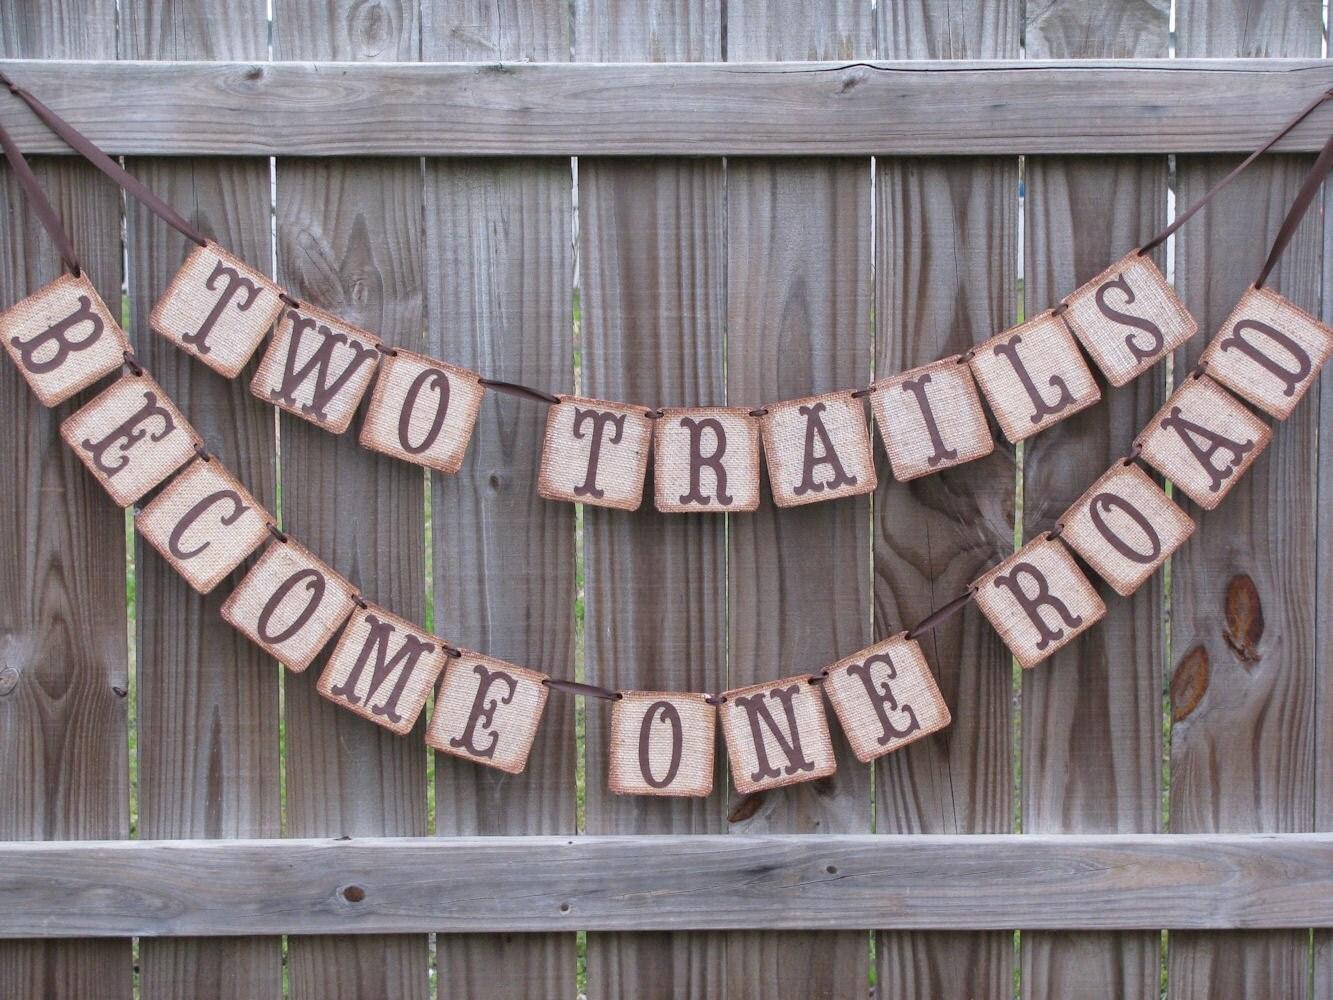 trail runner burlap wedding ideas Wedding Garland Burlap Wedding Banner Burlap Wedding Ideas Burlap Engagement Party Decor Rustic Barn Wedding Ideas Country Wedding